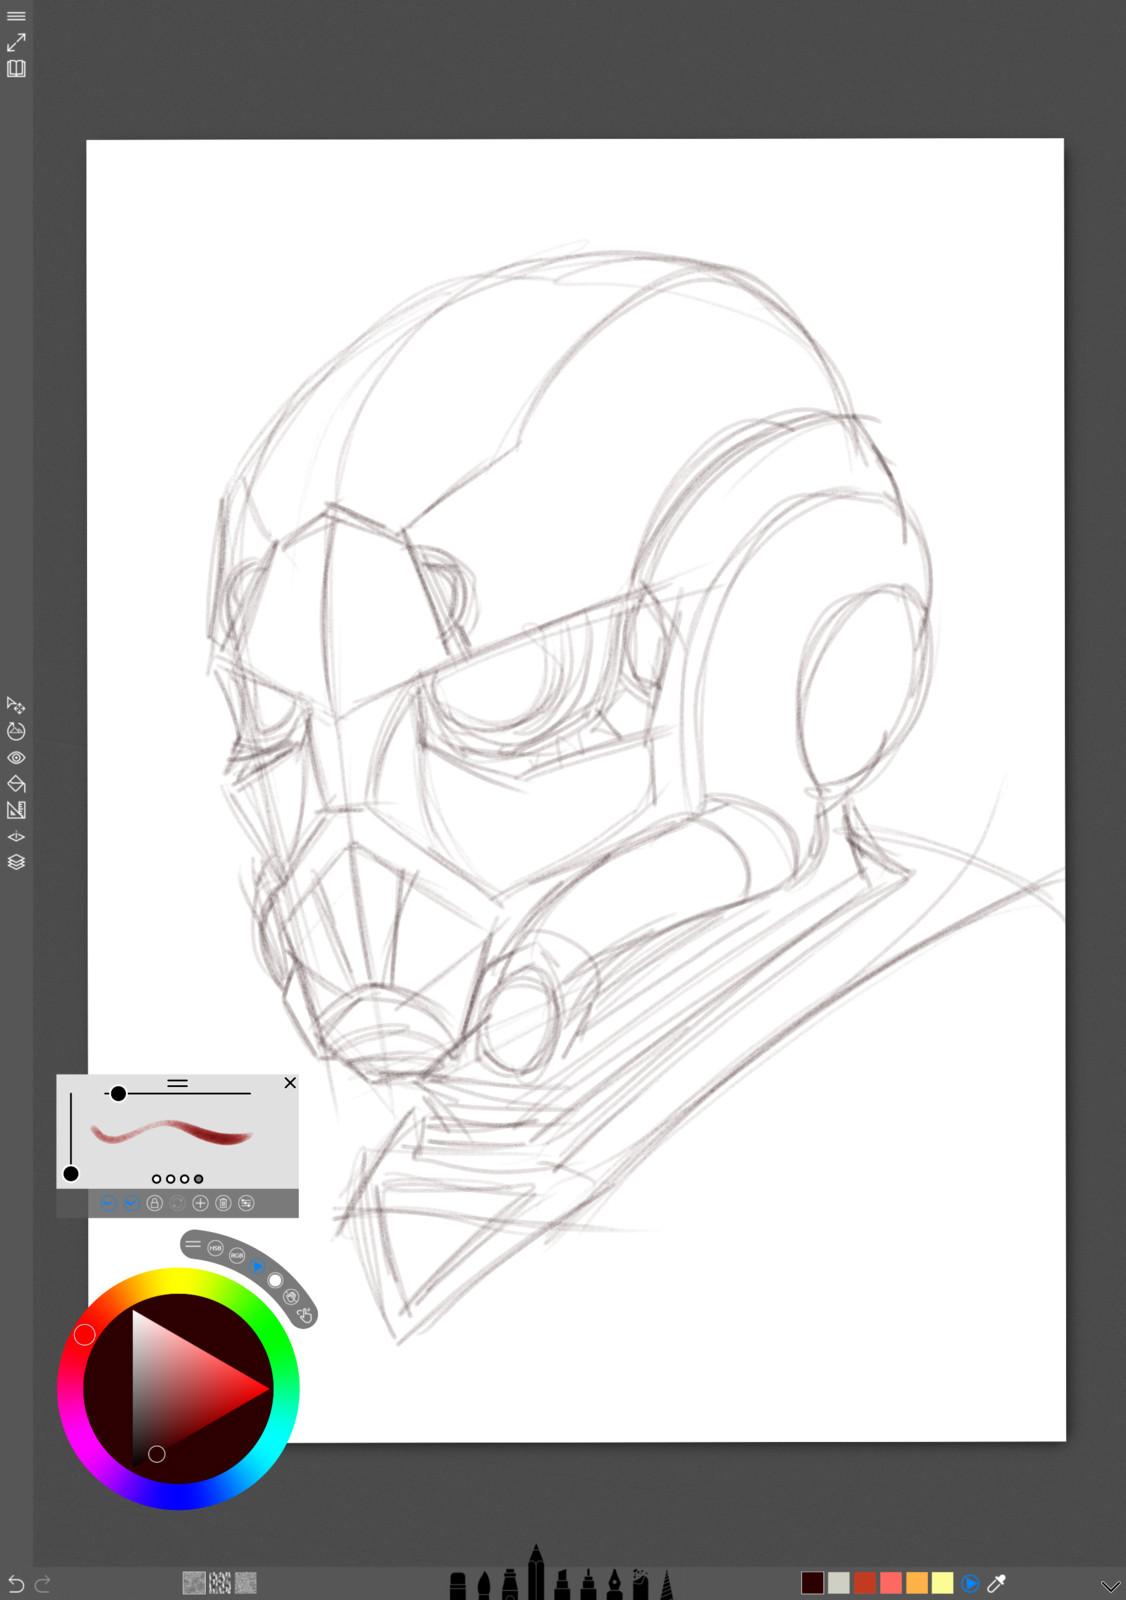 01 - Sketch concept